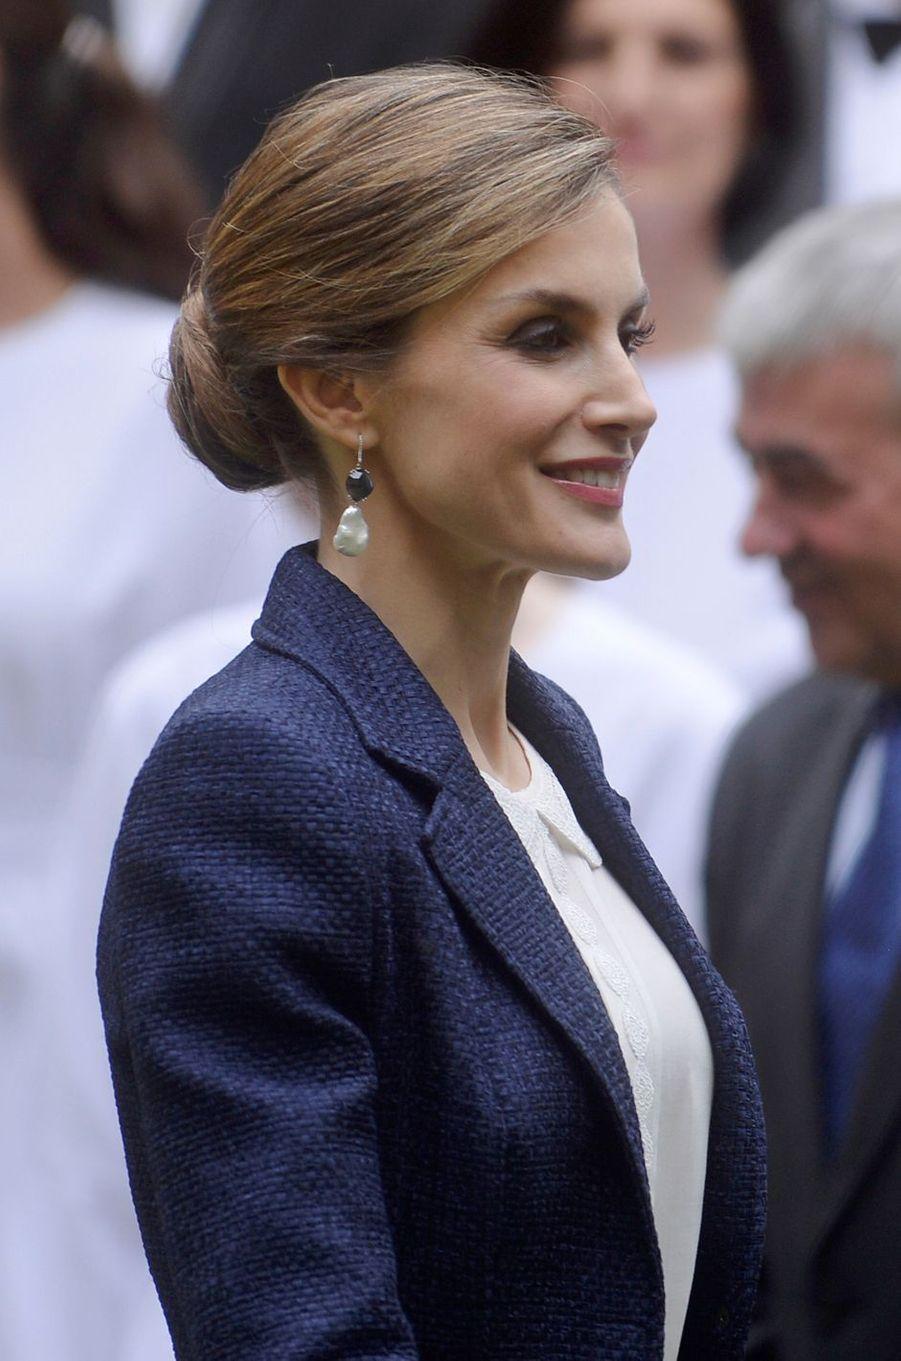 La reine Letizia d'Espagne à San Sebastian, le 17 juin 2016